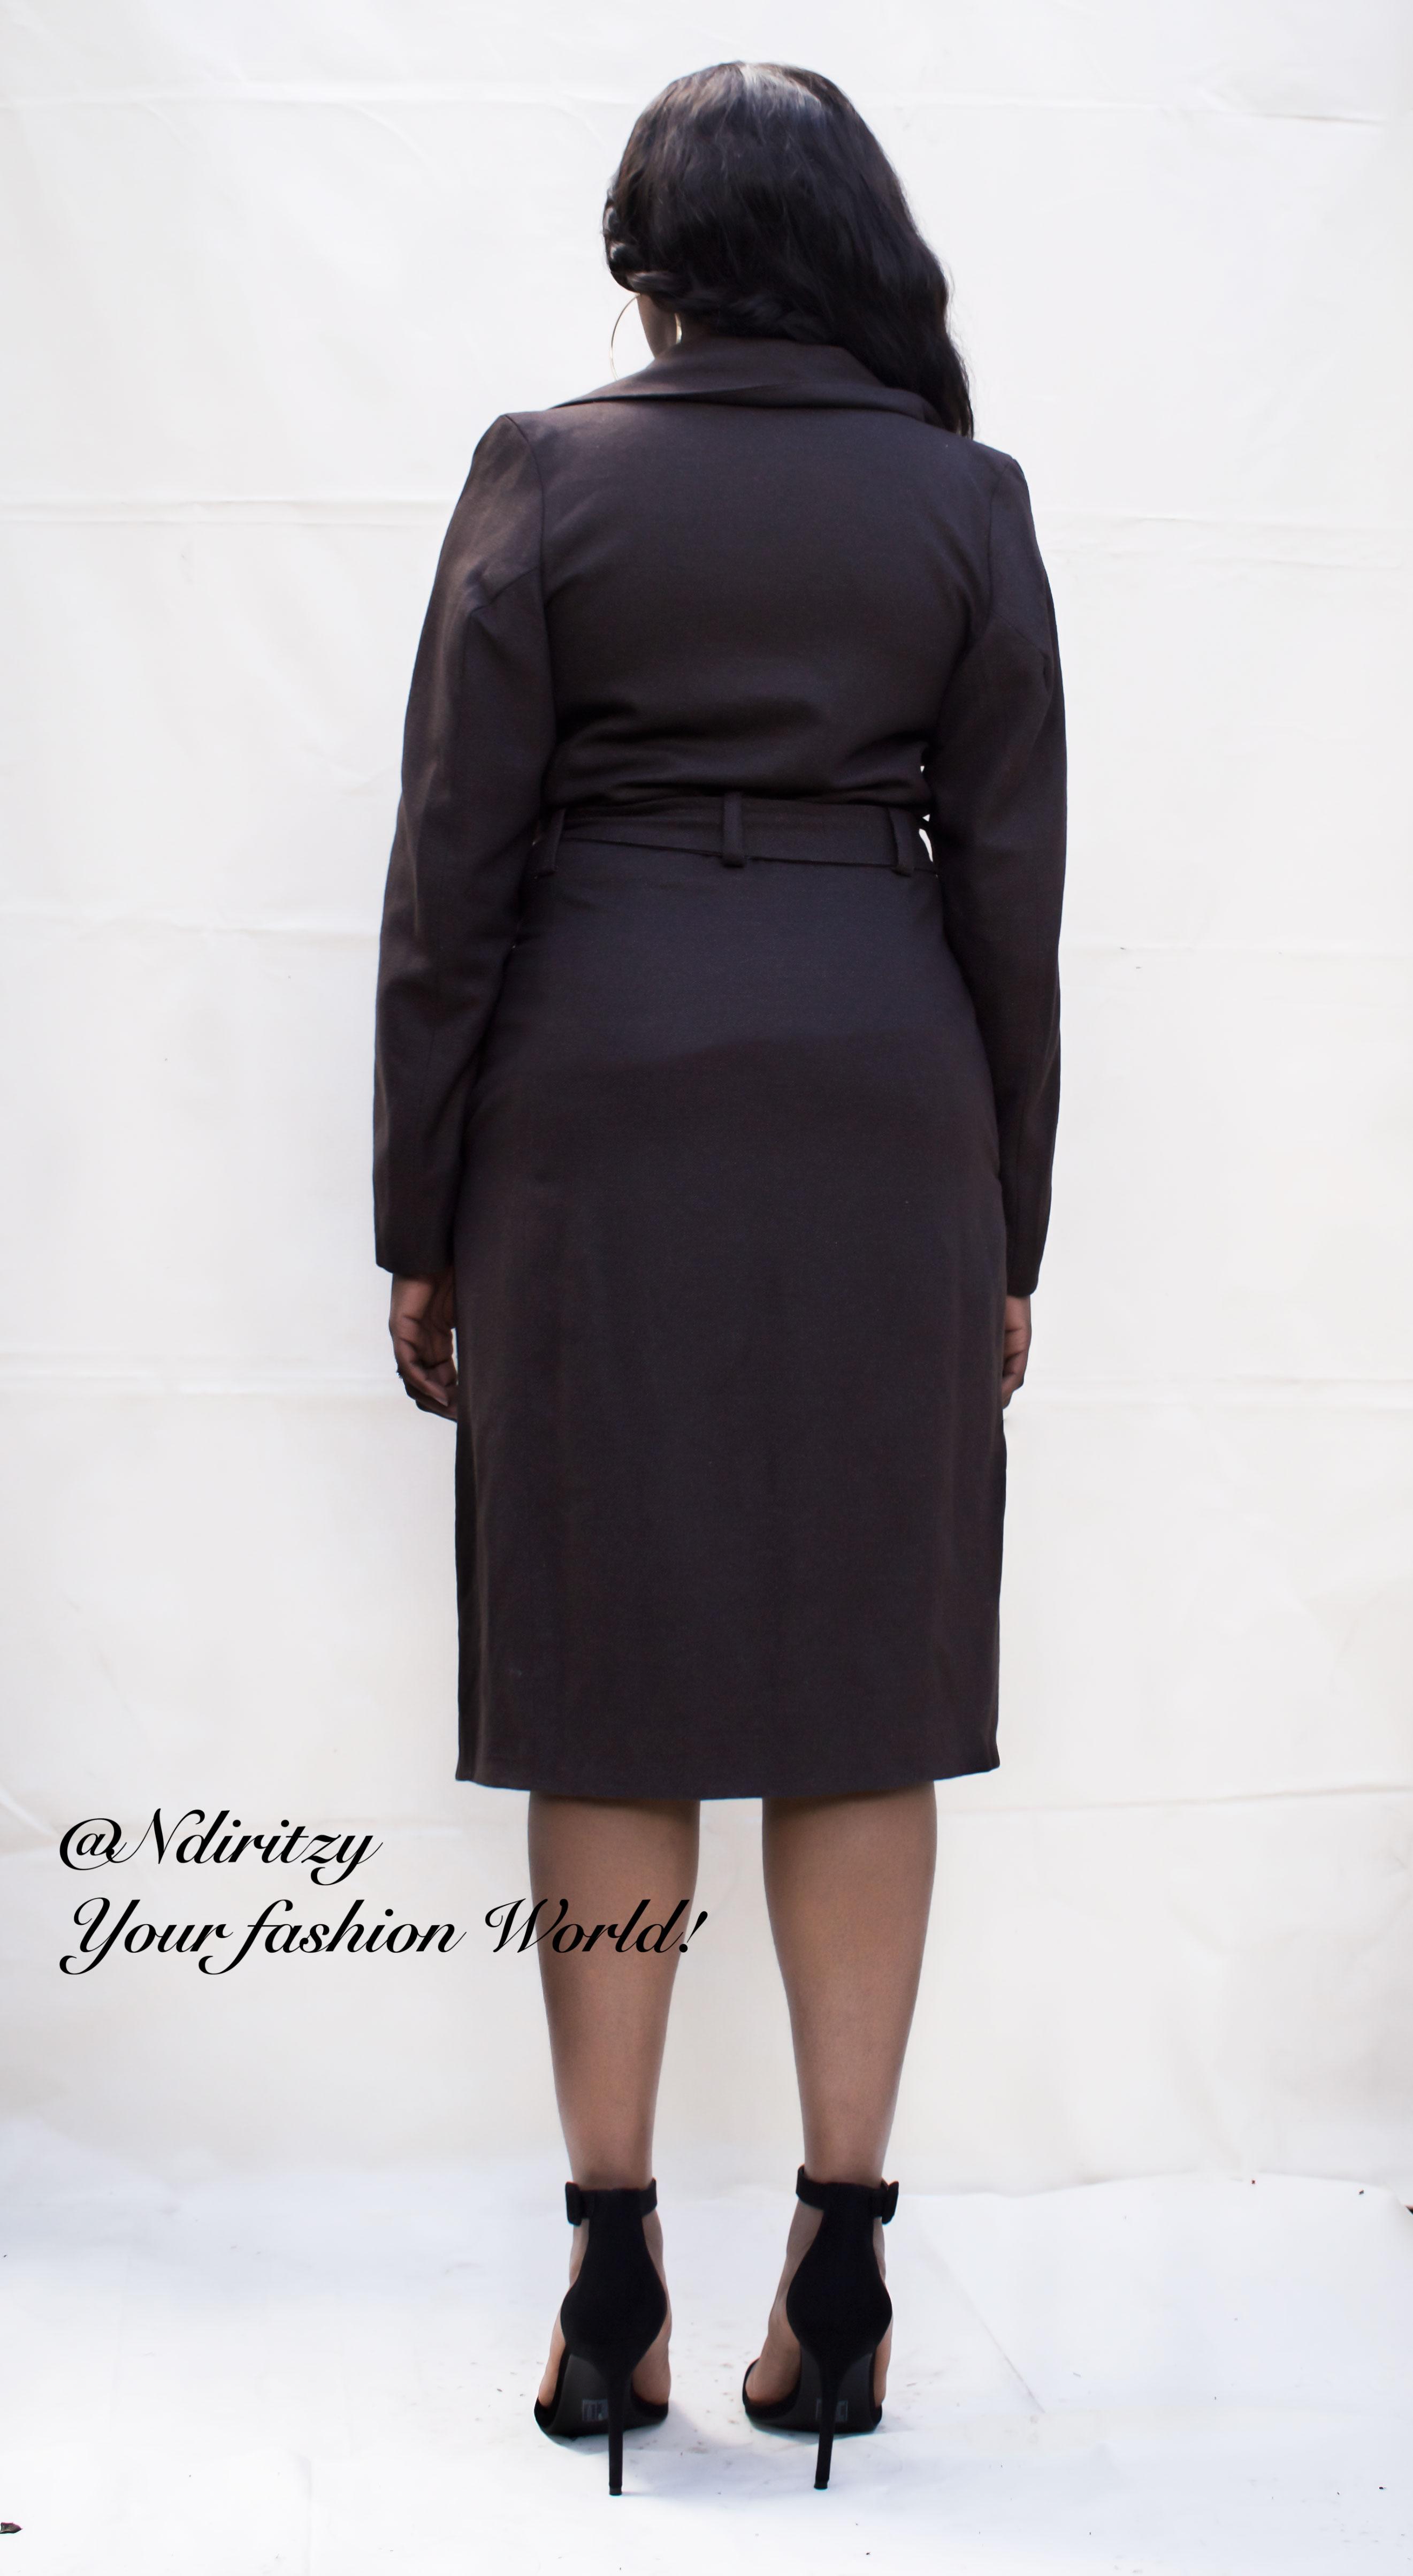 a589db73003c4 Asymmetric tweed coat dress - NdiRitzy